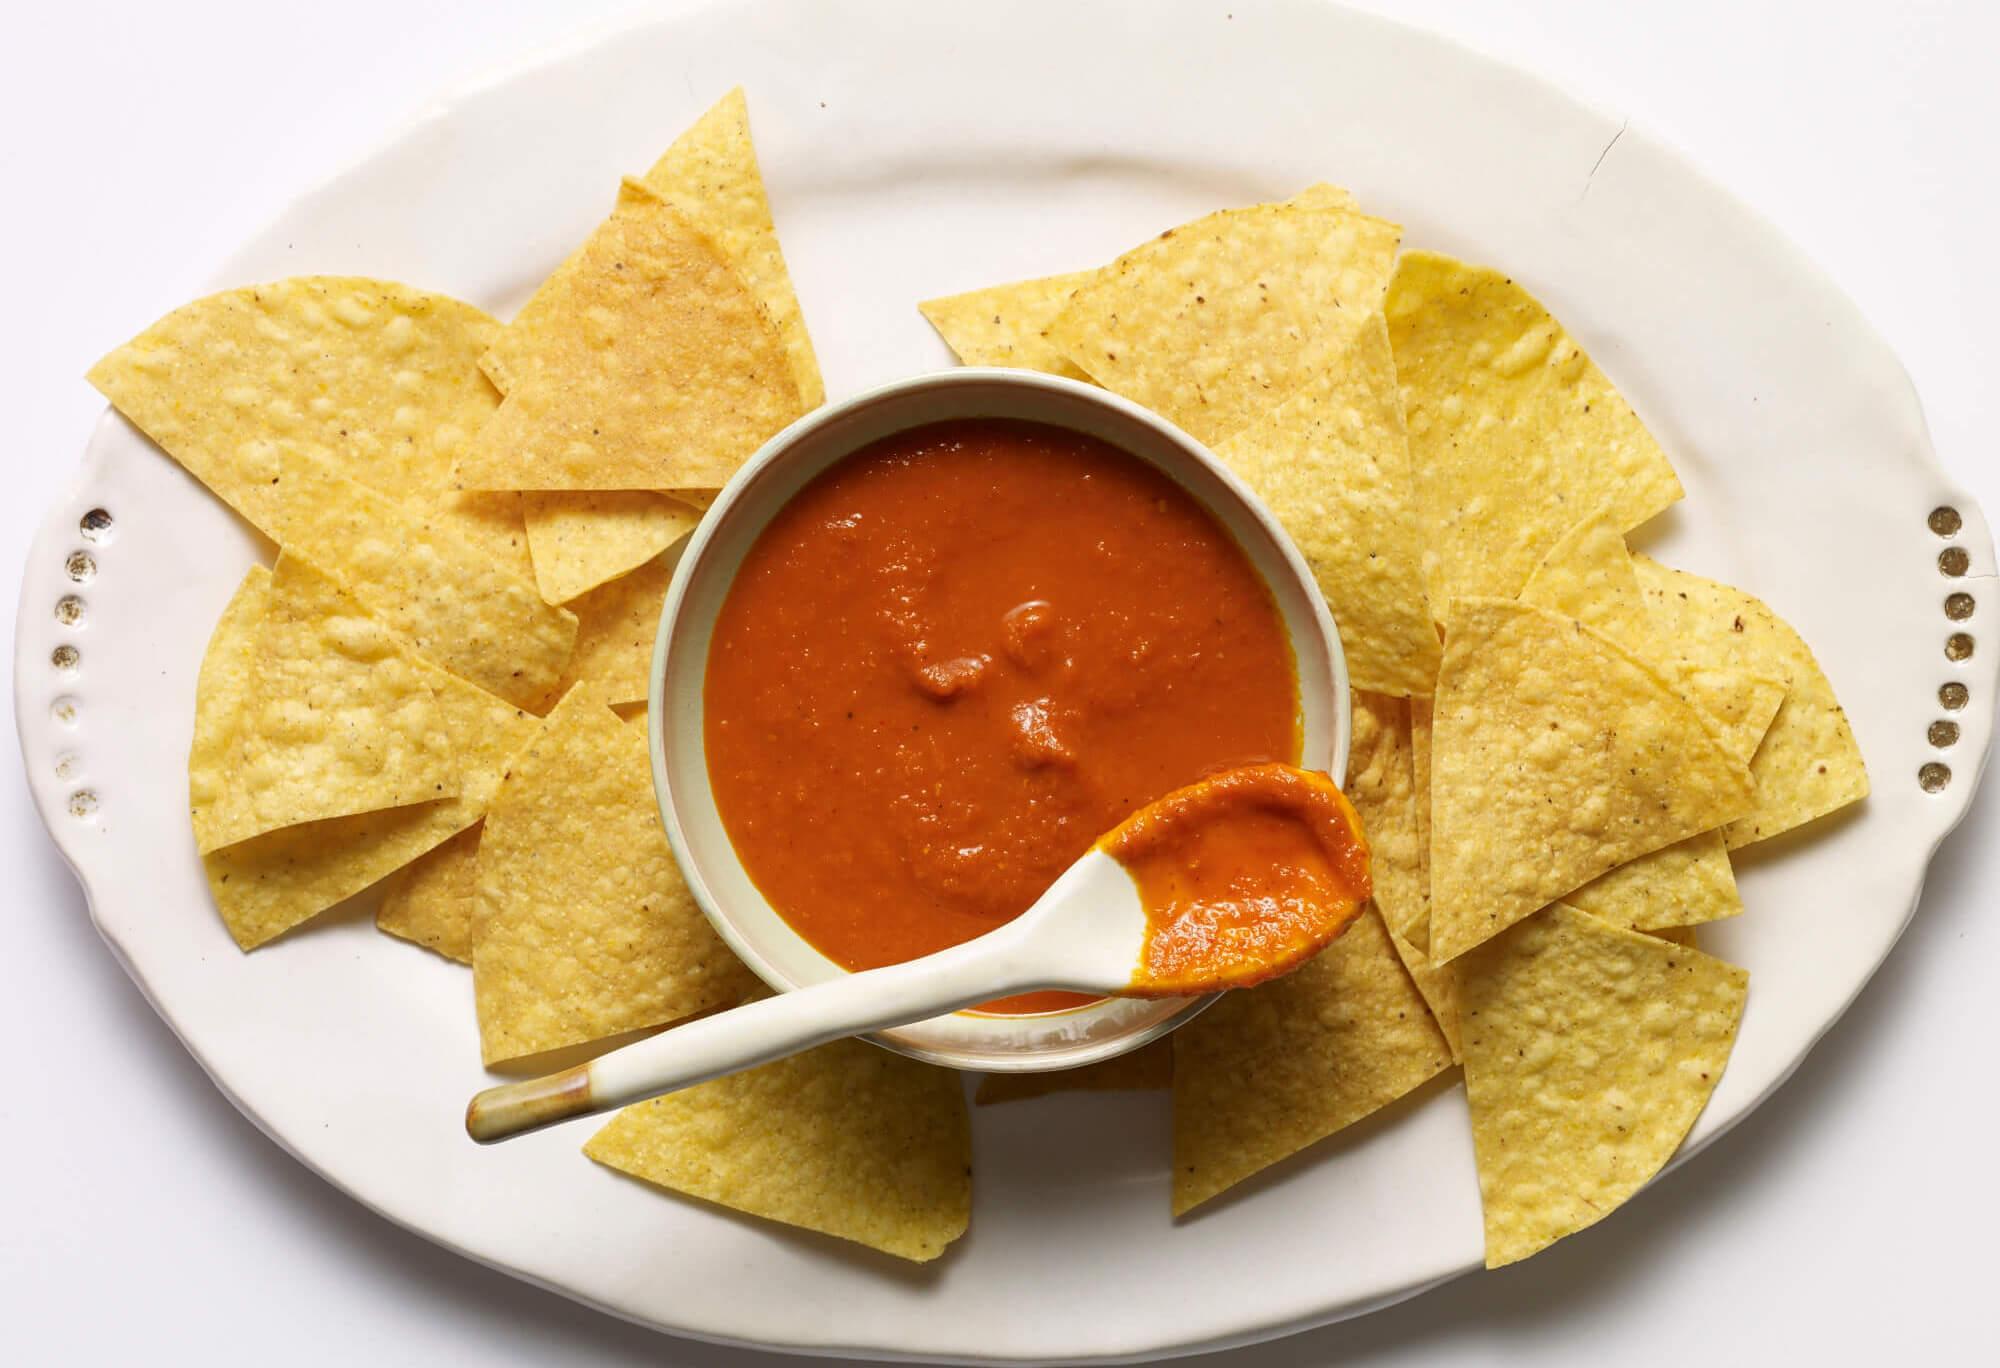 pati jinich guajillo chile salsa from pati's mexican table